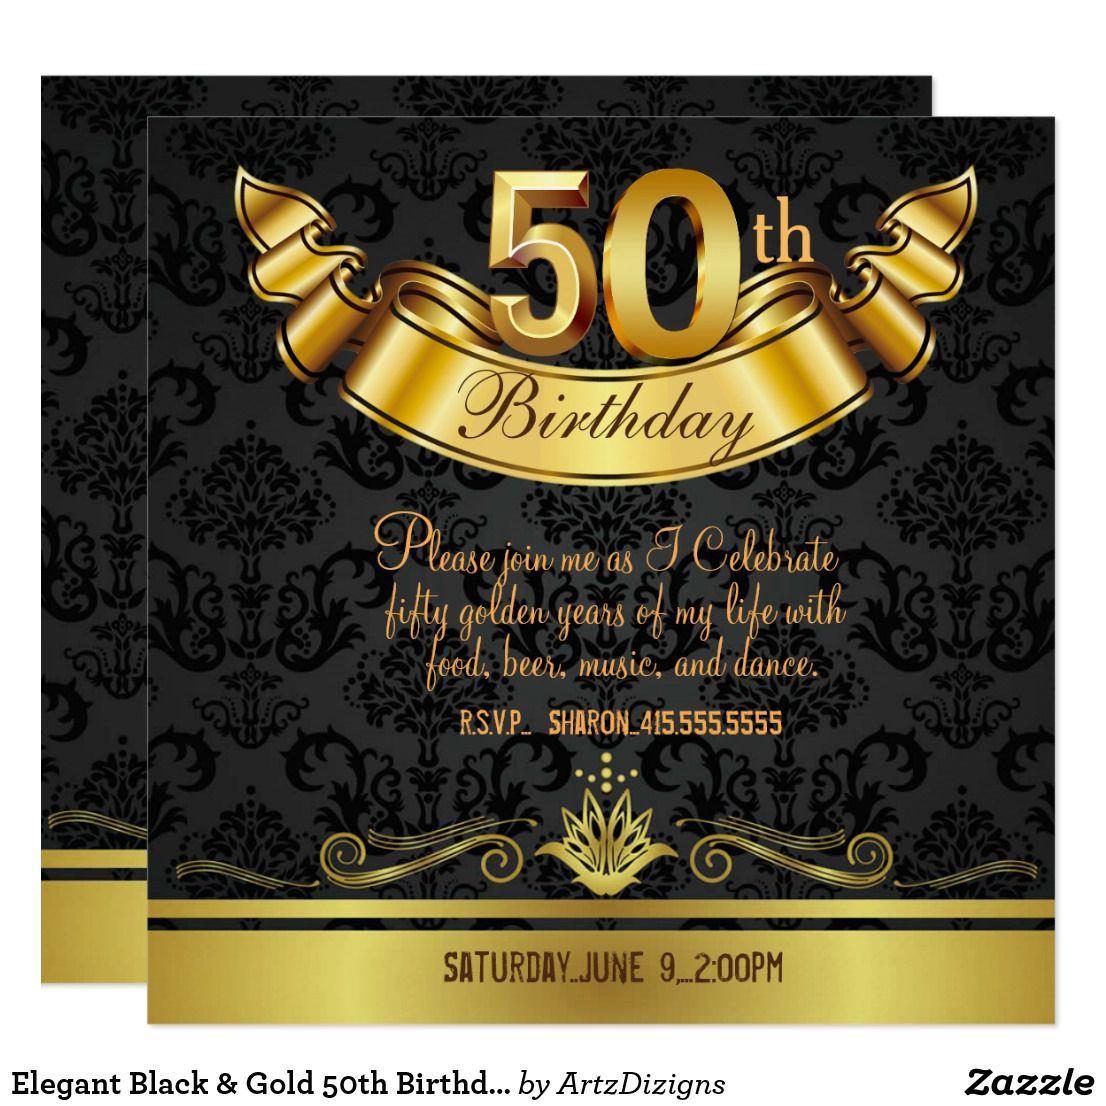 Elegant Black & Gold 50th Birthday Party Invitation   Zazzle.com   50th  birthday party invitations, 50th birthday party, Birthday party invitations